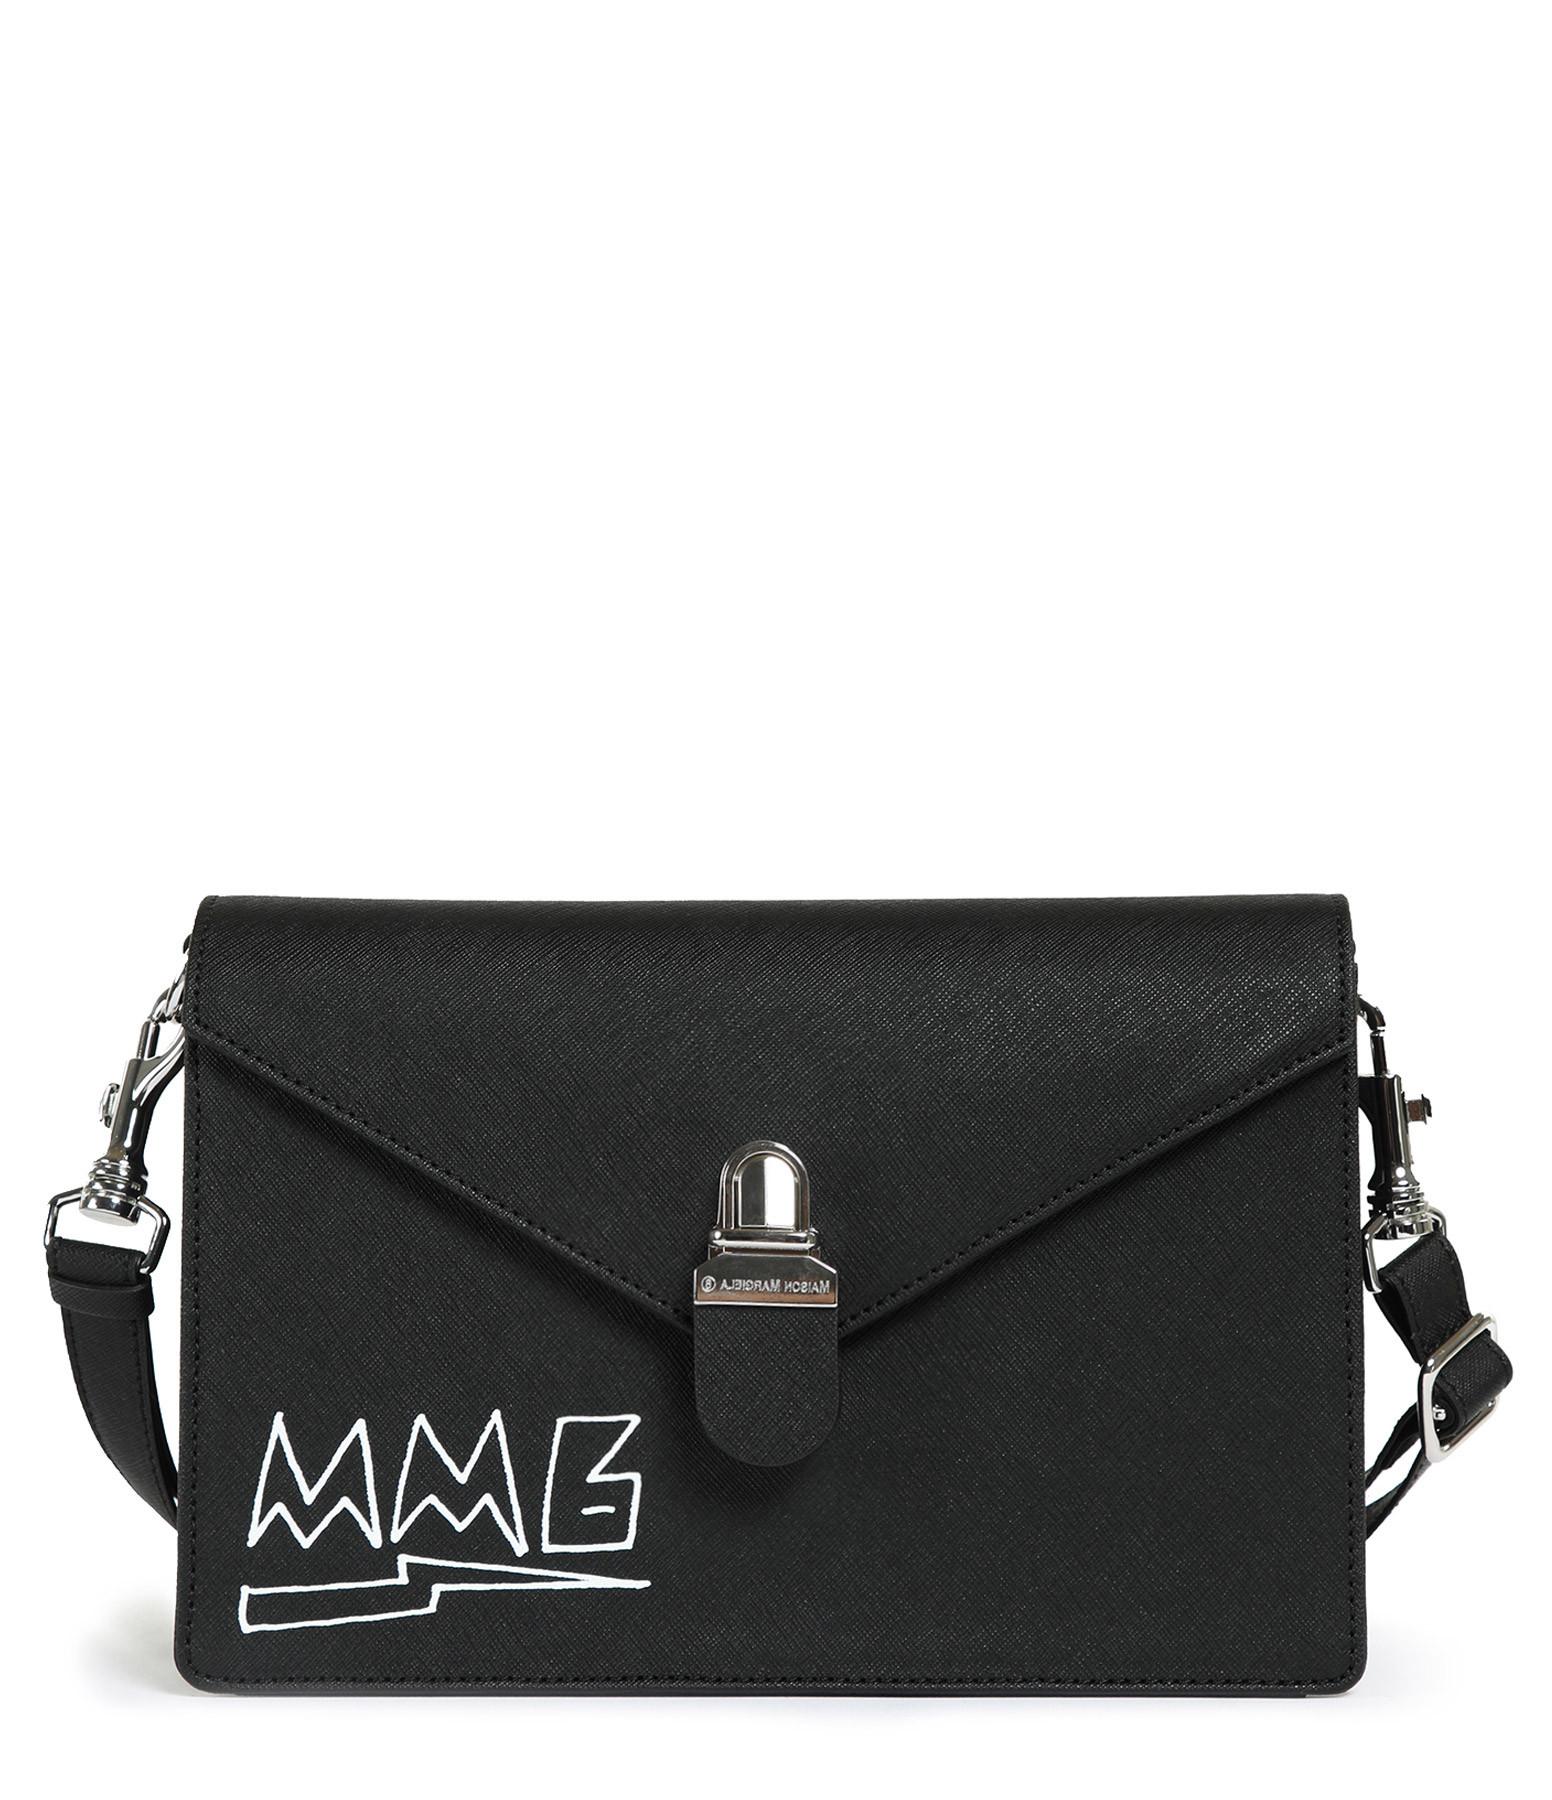 MM6 MAISON MARGIELA - Sac Bandoulière Noir